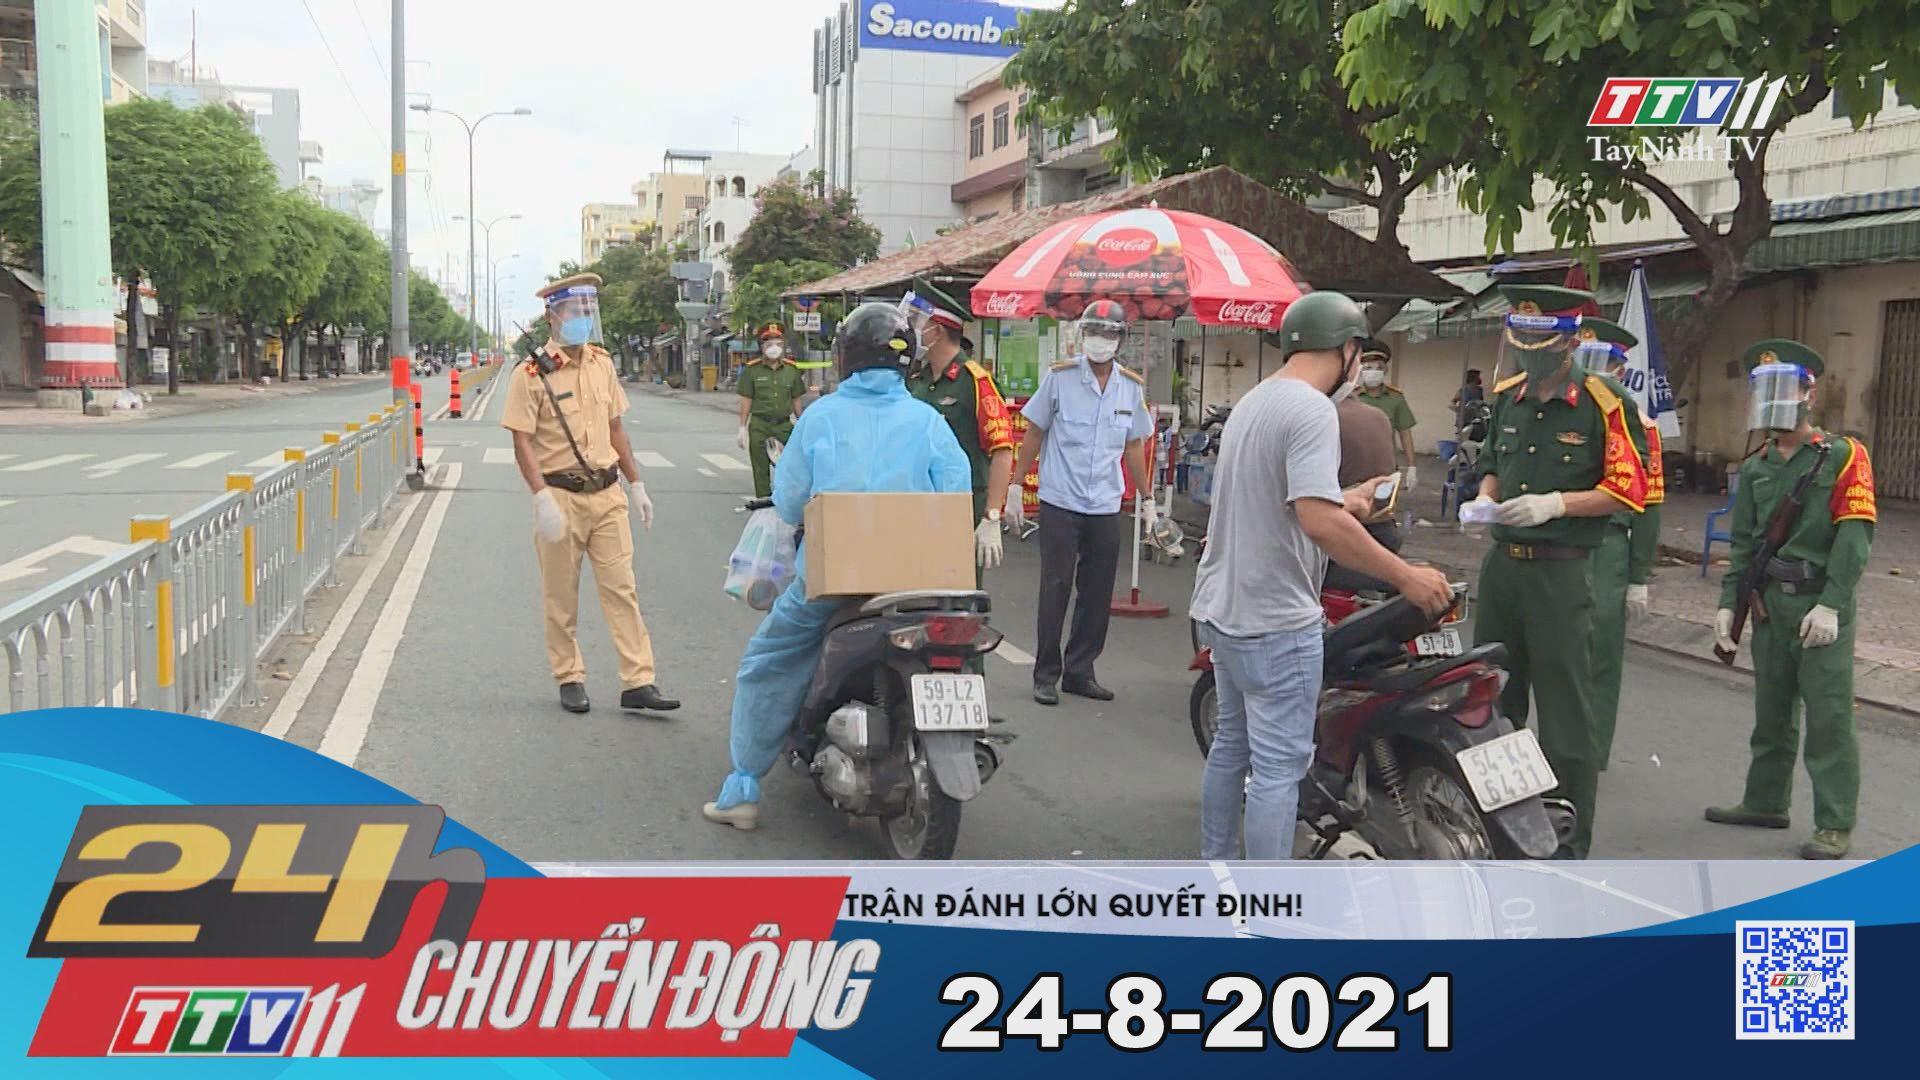 24h Chuyển động 24-8-2021 | Tin tức hôm nay | TayNinhTV